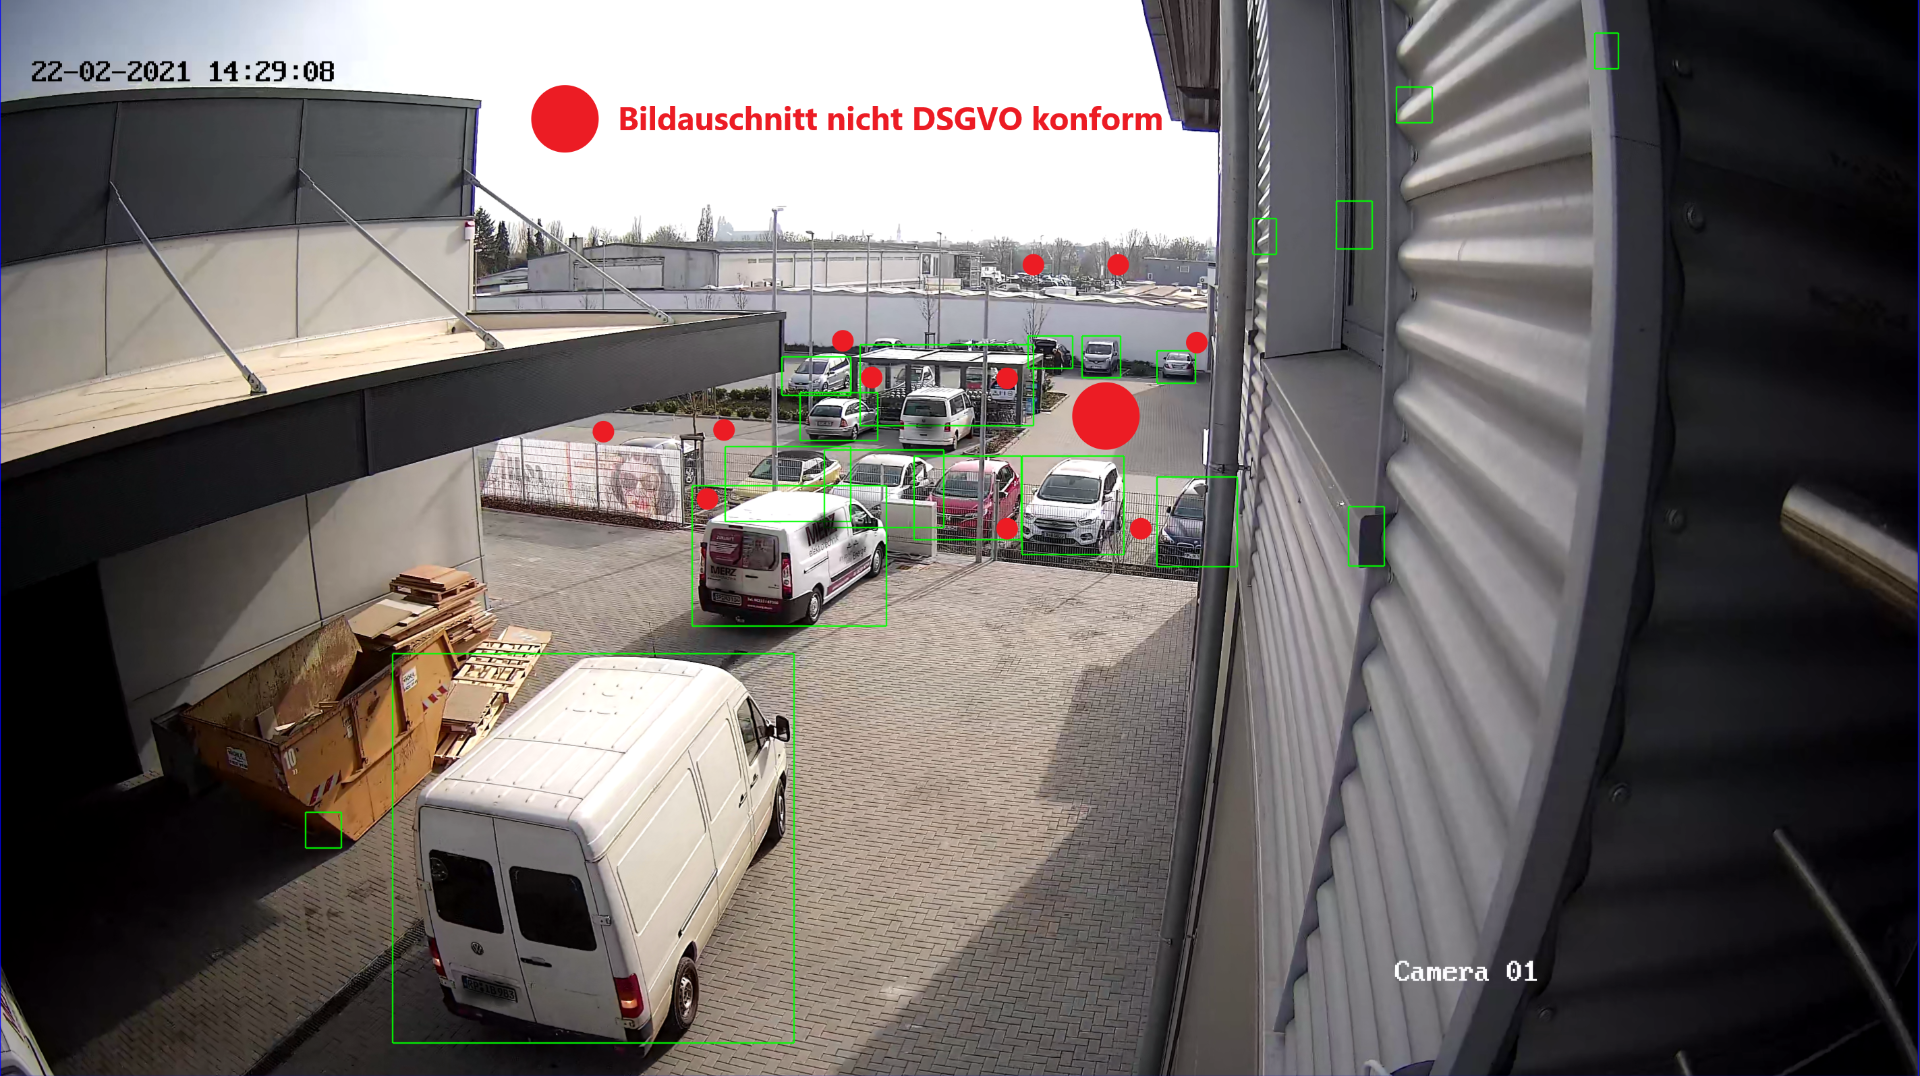 Videoüberwachung  DSGVO konform und professionell von ESA GmbH German Protect einfach erklärt.